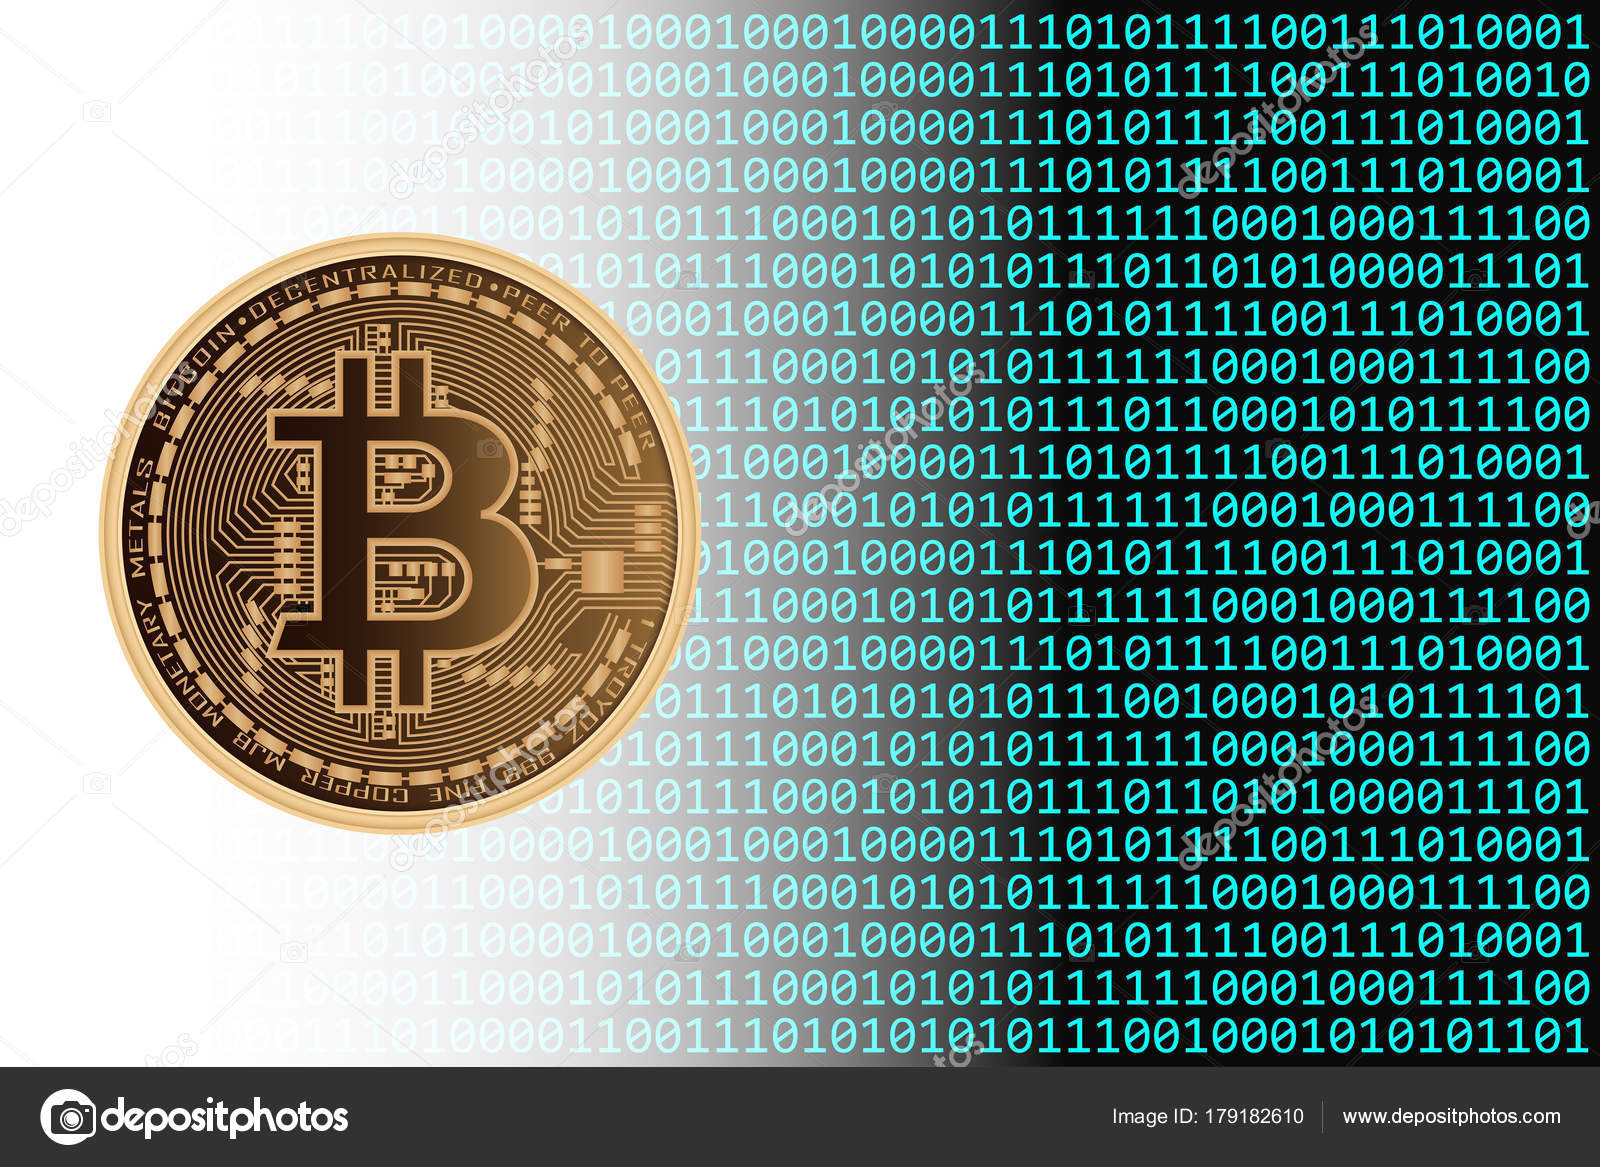 Jönnek a kriptovaluta (Bitcoin) opciók is hamarosan! - Opciós Tőzsdei Kereskedés